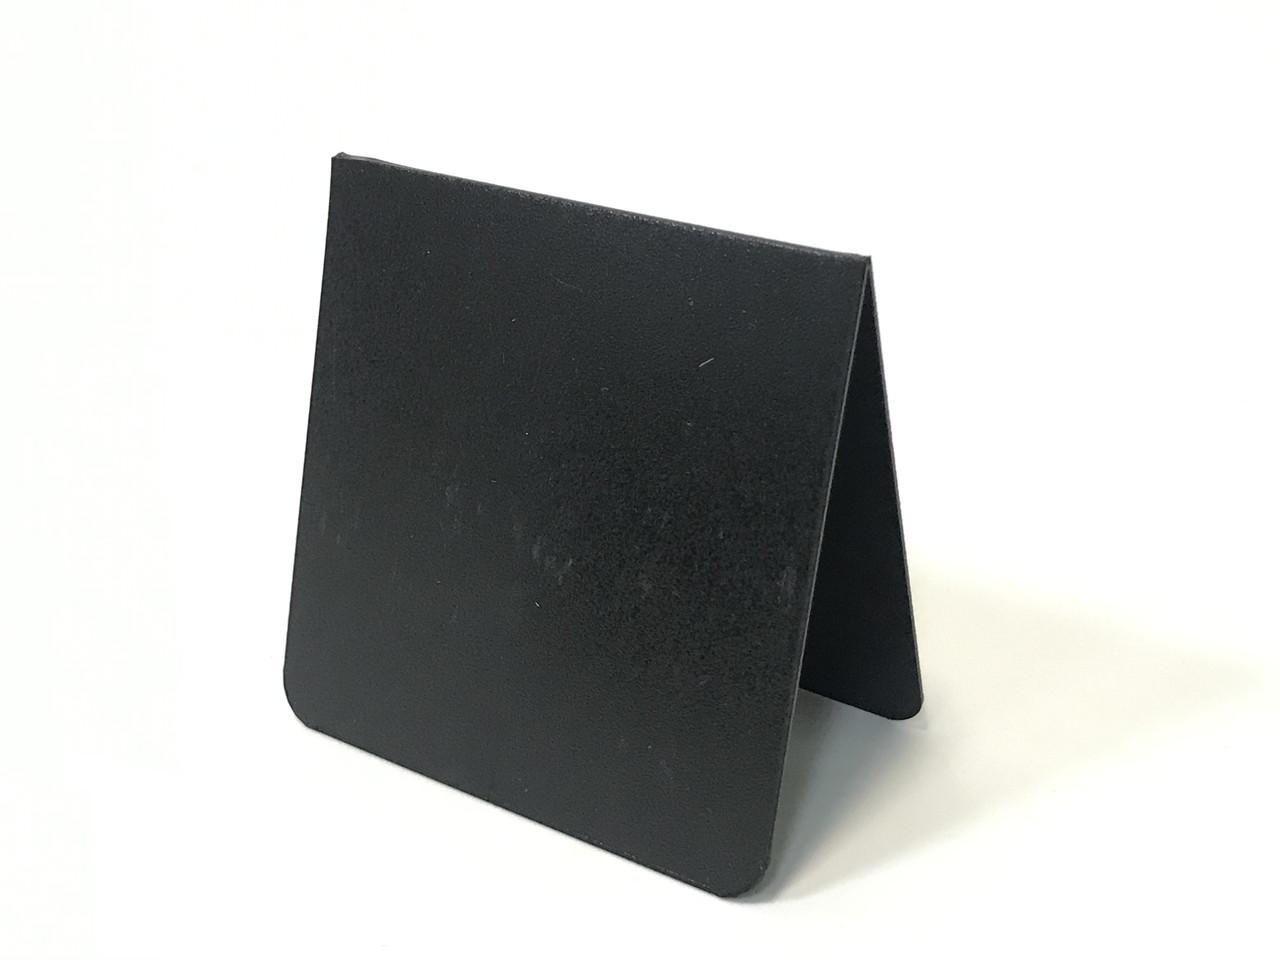 Ценник меловой пластиковый  угловой V-образный квадратный